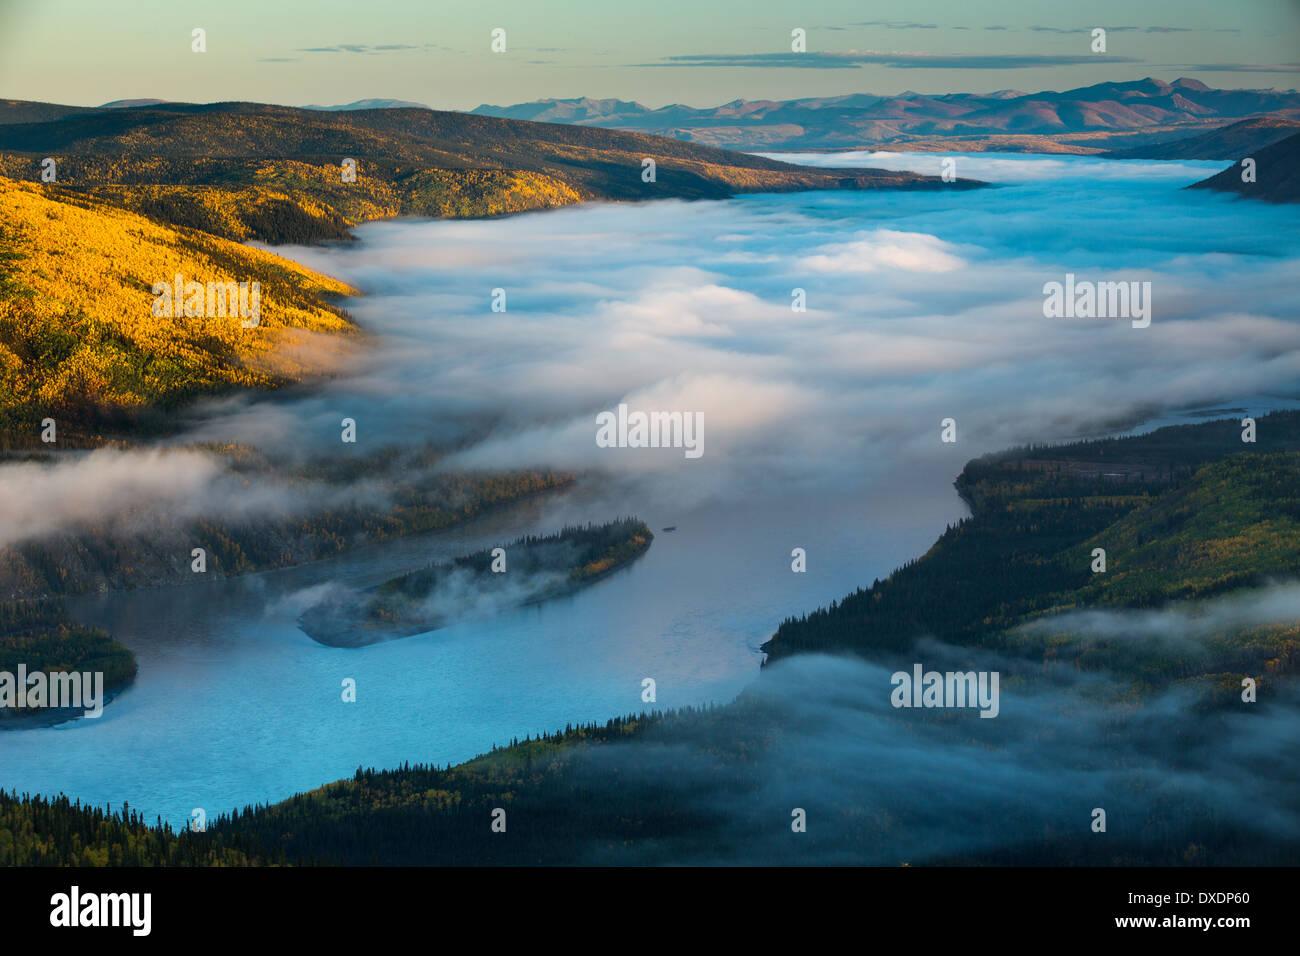 Nebbia nella valle del fiume di Yukon all'alba, a valle di Dawson City dal Dome Hill, Yukon Territori, Canada Immagini Stock